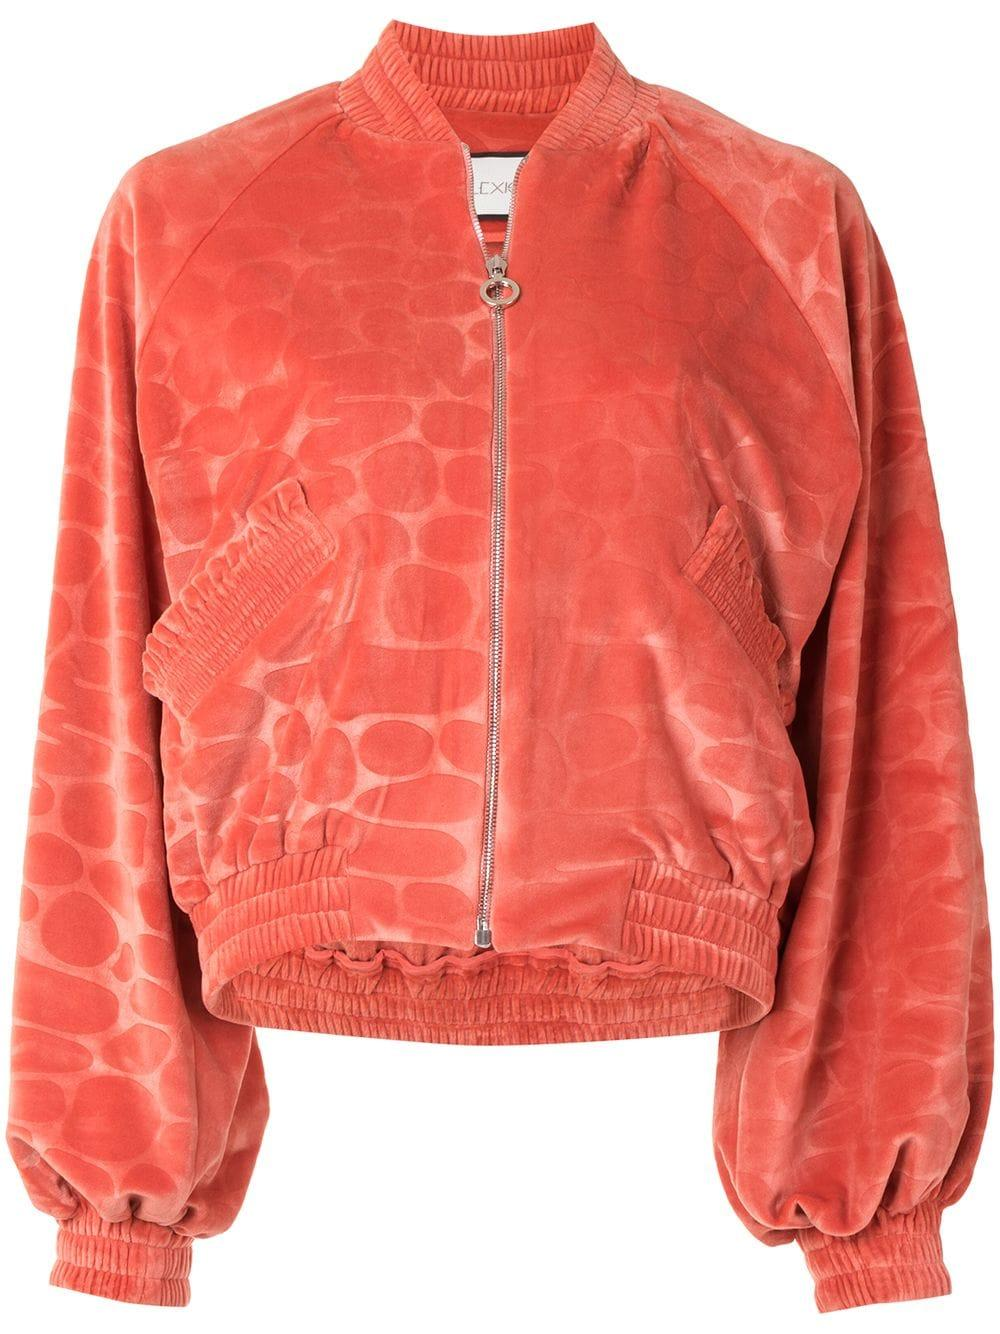 Perkins Jacket Item # A5210520-6883